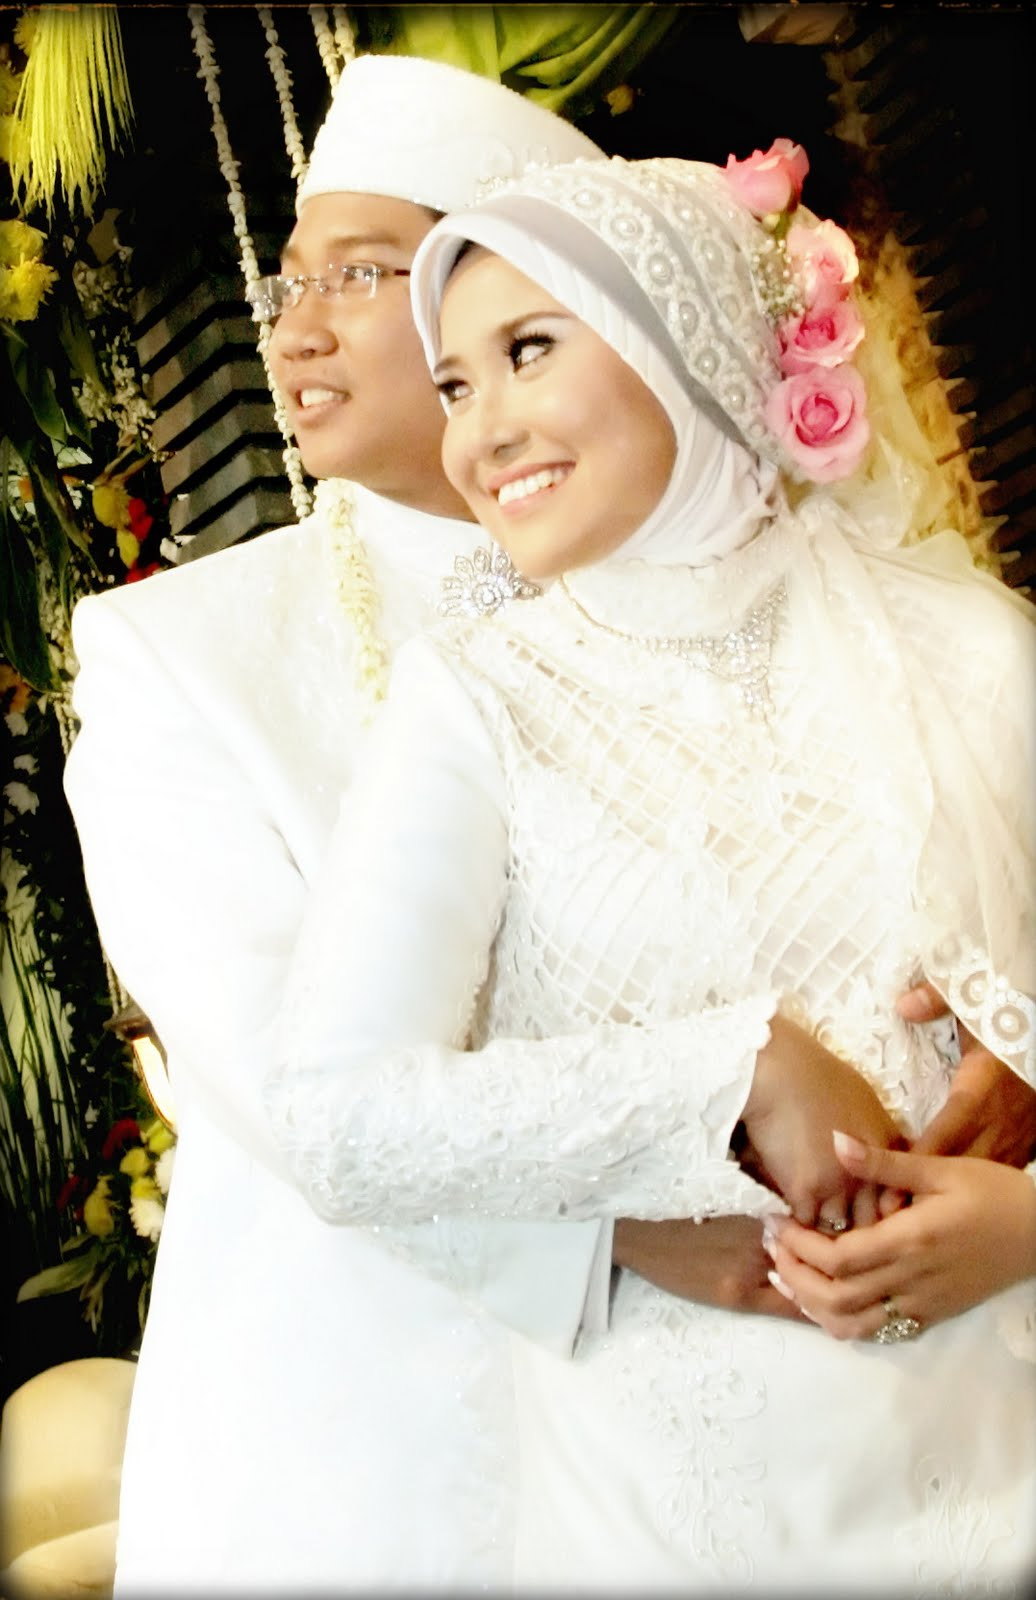 Contoh FotoFoto Pernikahan Muslim  Album Wedding